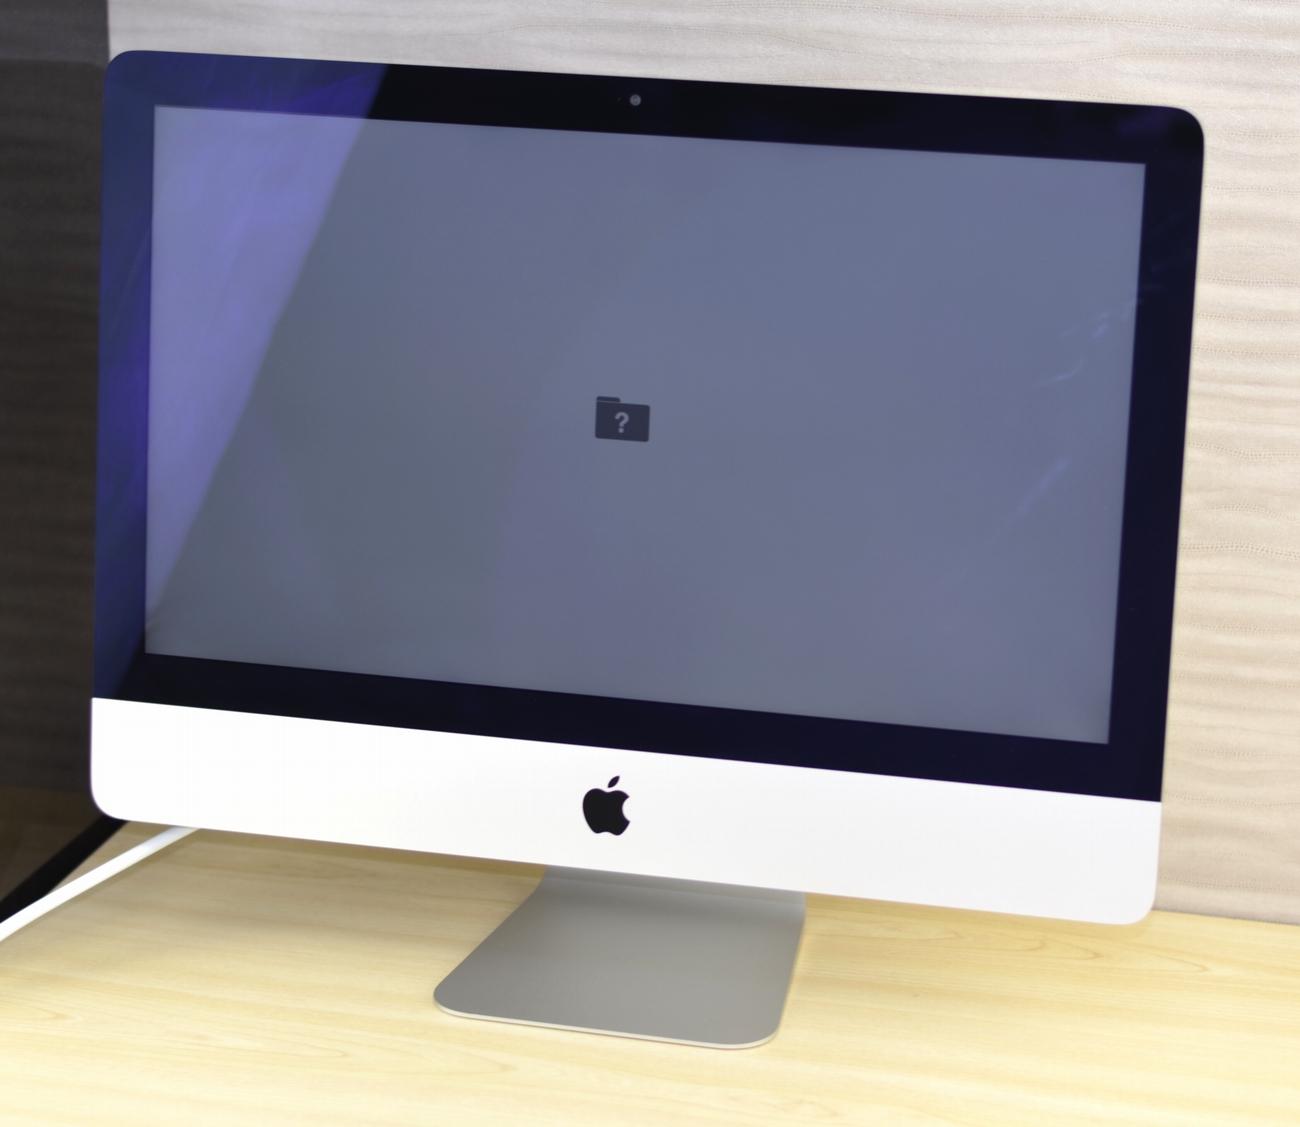 壊れたiMac買取ました!21.5-inch,Late 2012 MD093J/A Core i5・専門店だからできる!故障・壊れたMac買取ます!